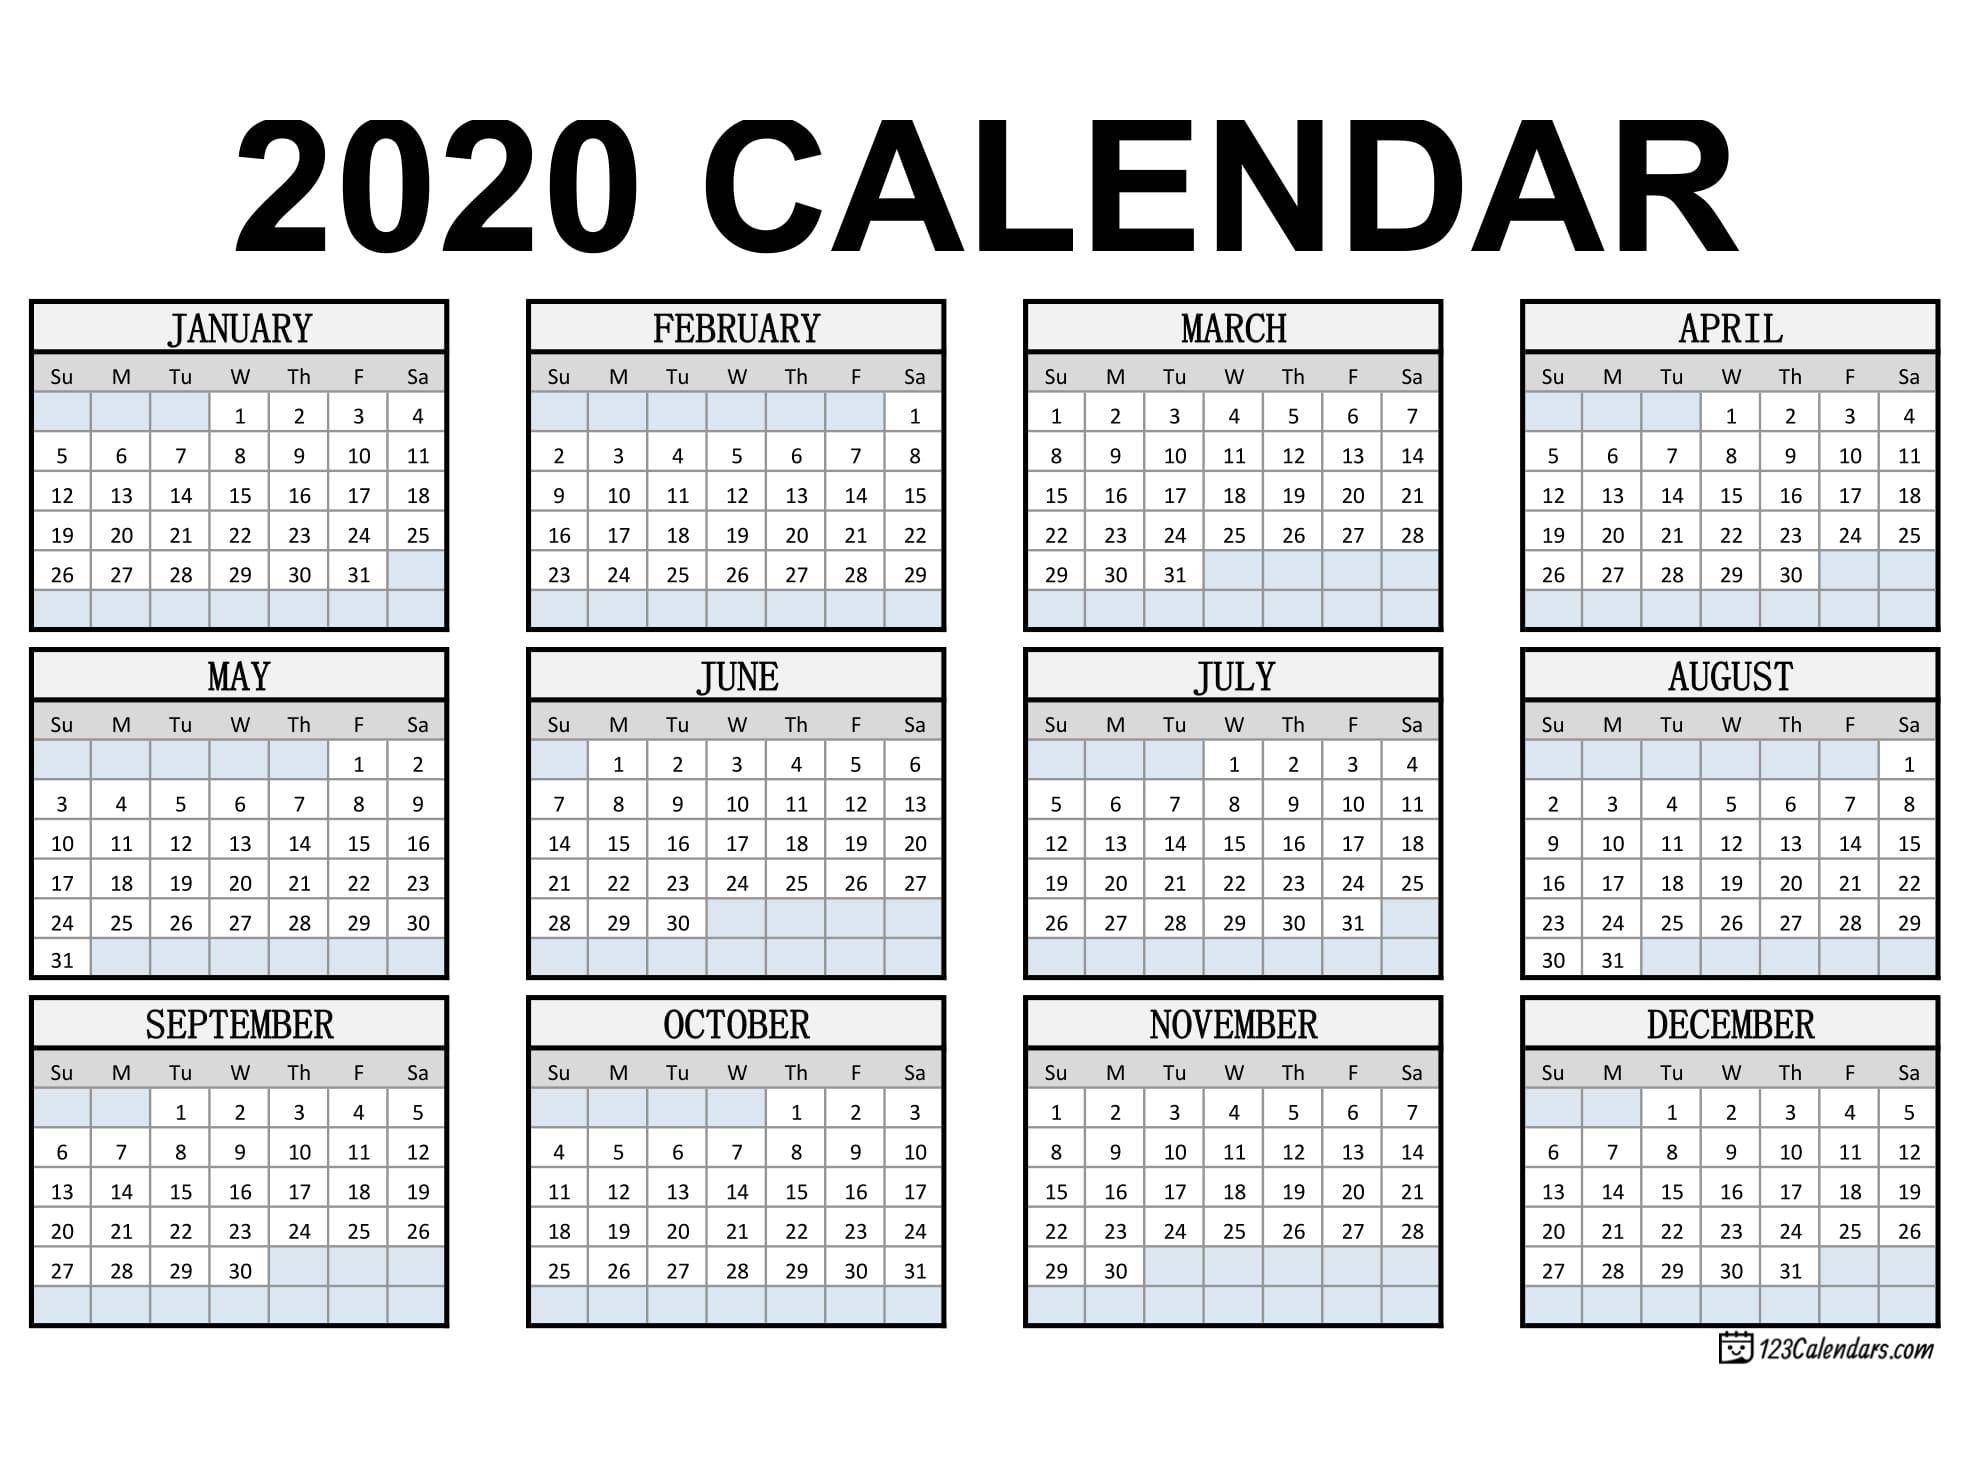 Free Printable 2020 Calendar | 123Calendars for How To Print A Pocket Calander